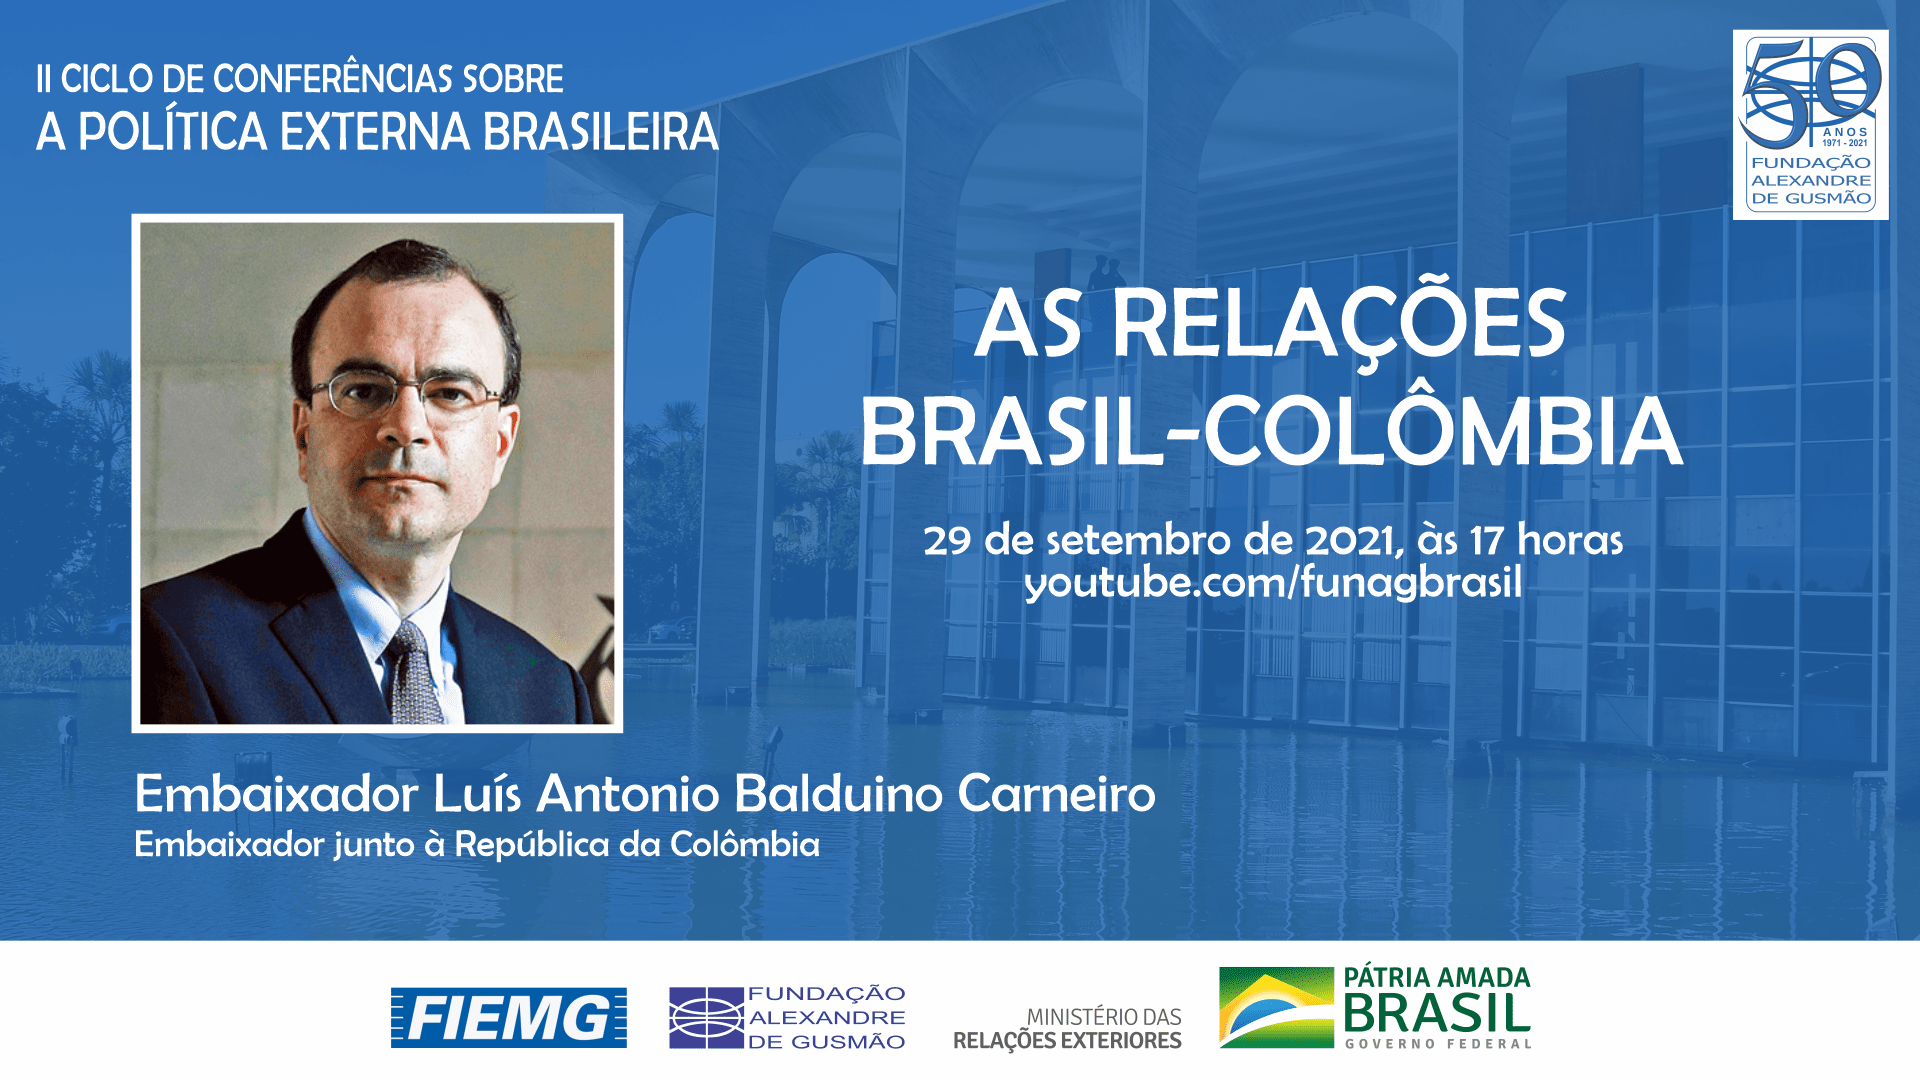 FUNAG promove palestra do Embaixador Balduino Carneiro sobre as relações Brasil-Colômbia